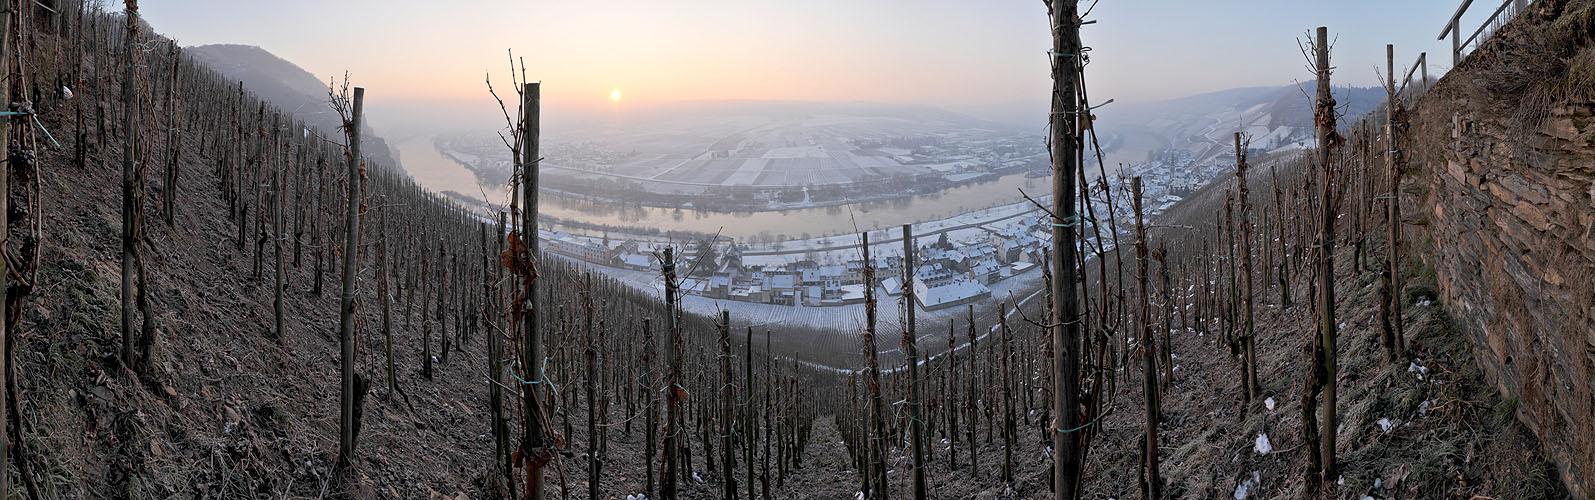 ... wintermorgen an der mosel ...